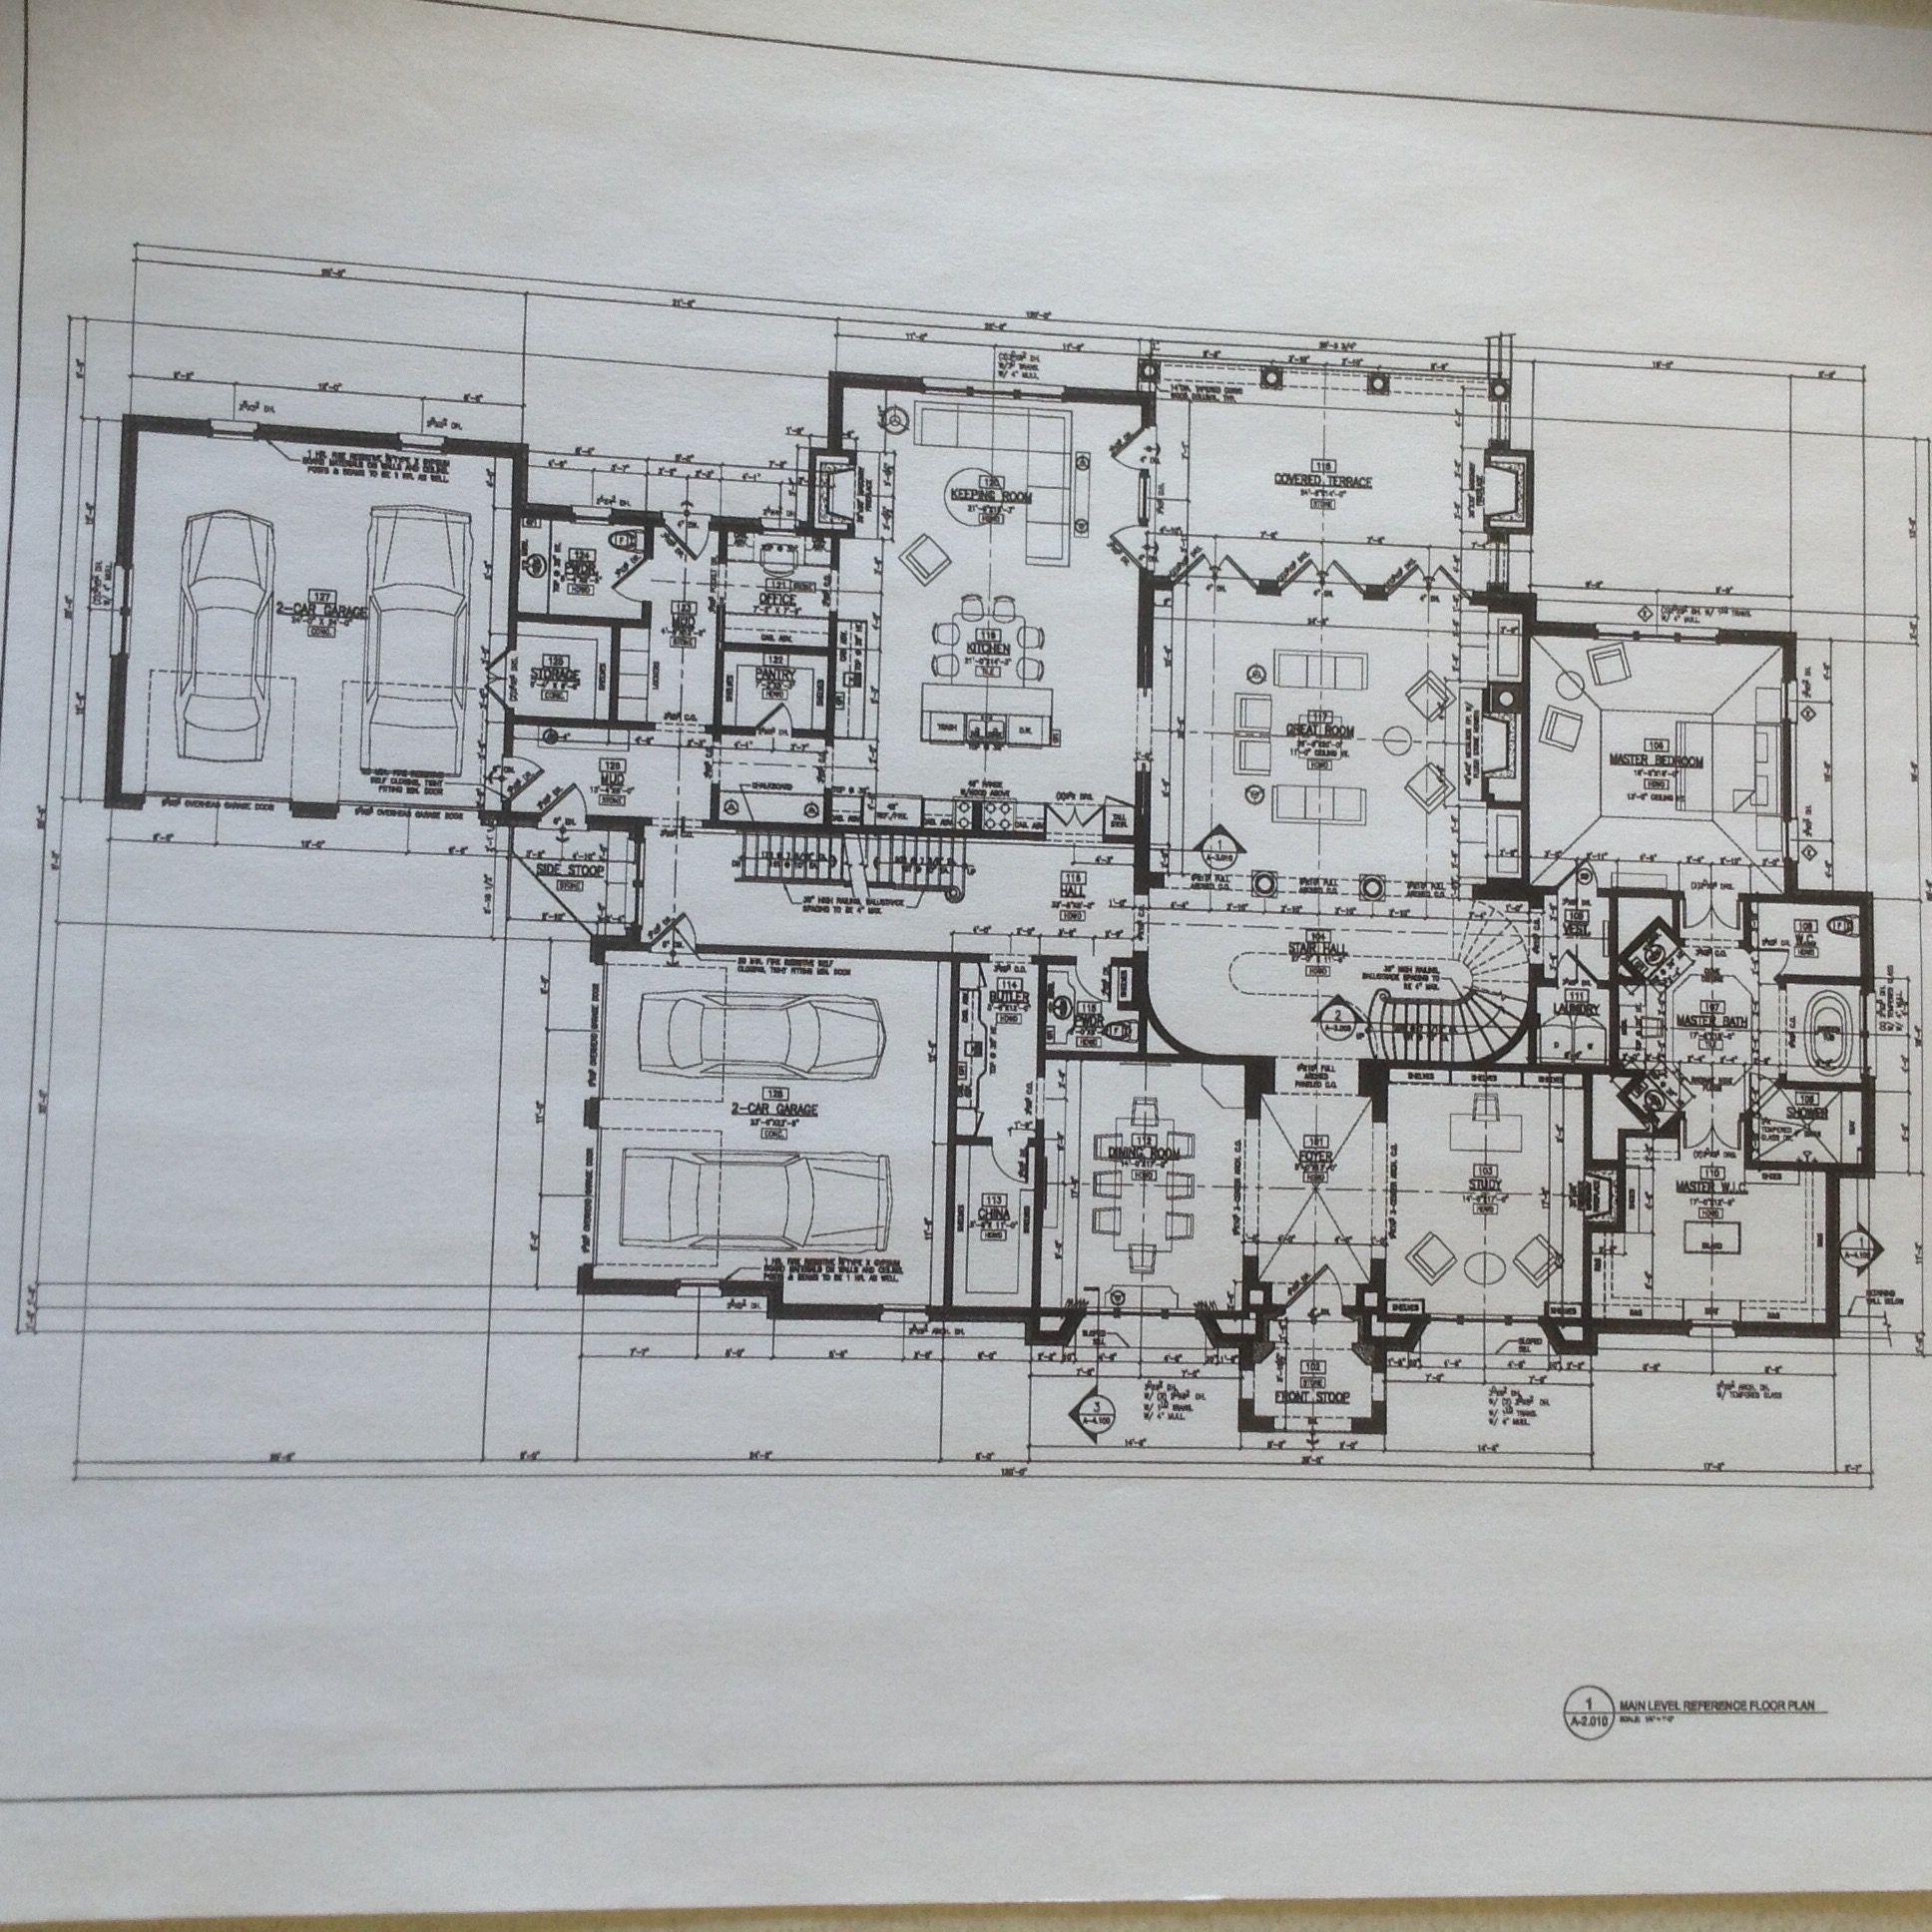 1126 East Beechwood Dr House plans all Pinterest